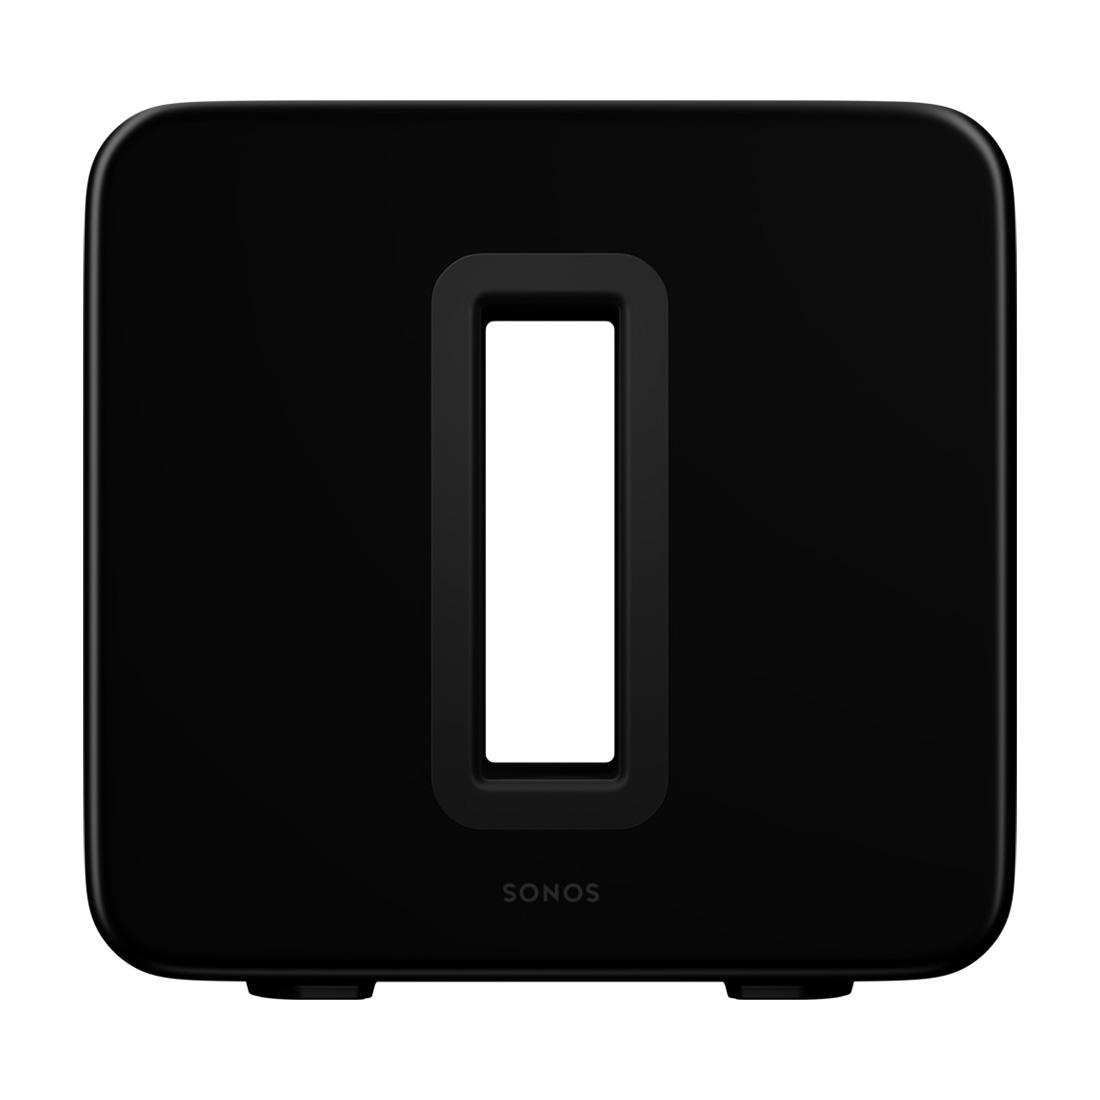 Sonos Sub (Gen3) Black